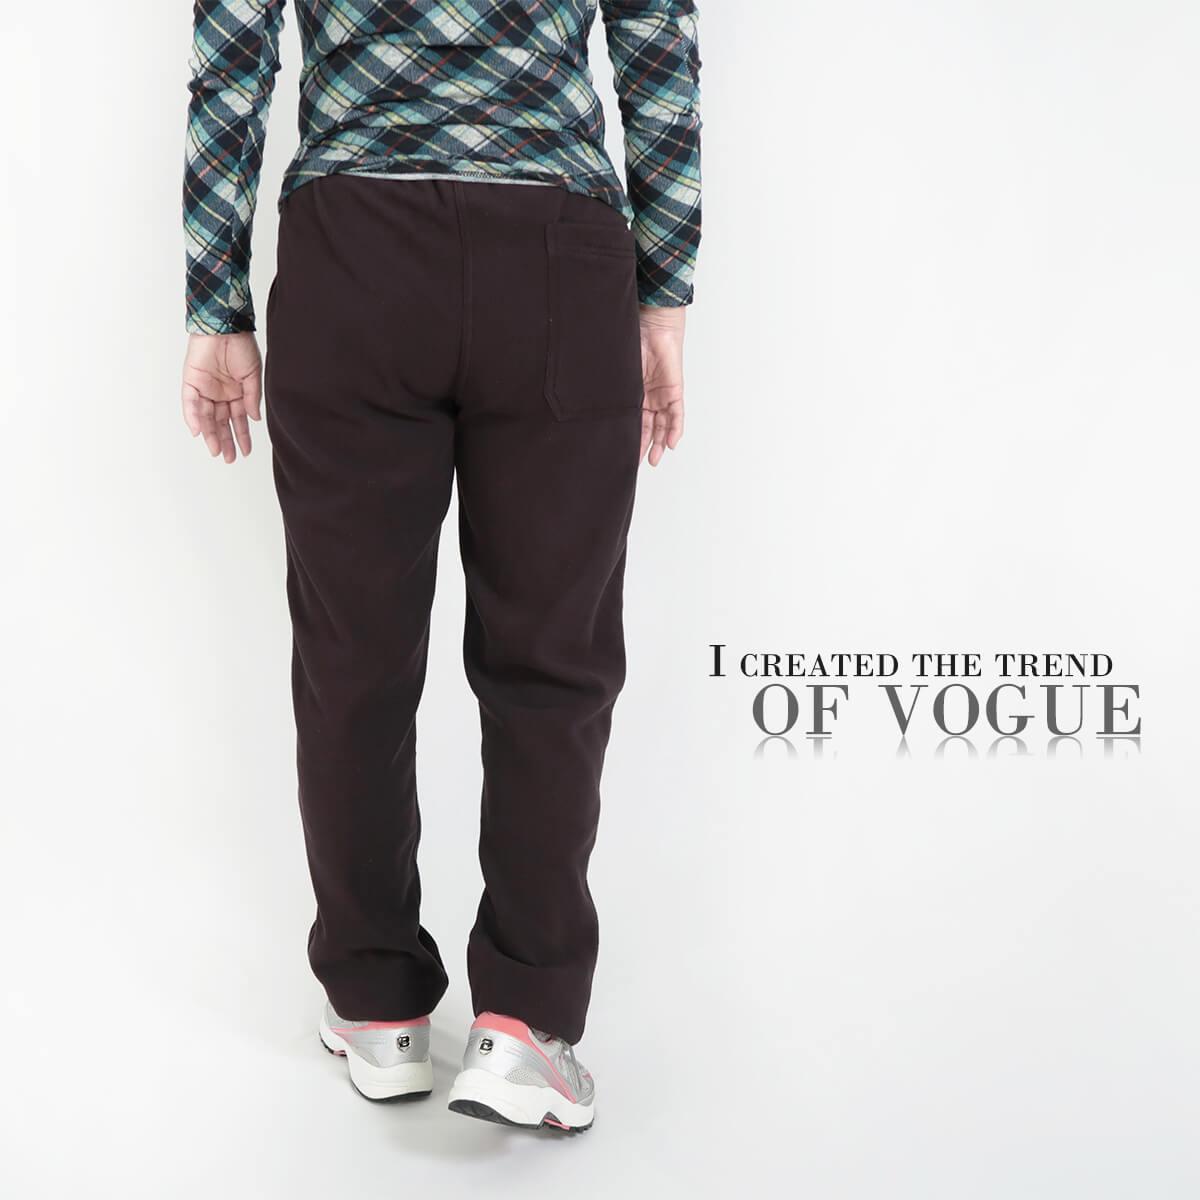 加大尺碼台灣製超細搖粒毛保暖褲 內裡刷毛保暖長褲 保暖棉褲長褲 機能纖維 全腰圍鬆緊帶 一件抵多件 MADE IN TAIWAN WARM FLEECE PANTS FLEECE LINED (020-2805-08)深藍色、(020-2805-19)深咖啡 腰圍M L XL 2L 3L(28~42英吋) 男女可穿 [實體店面保障] sun-e 4